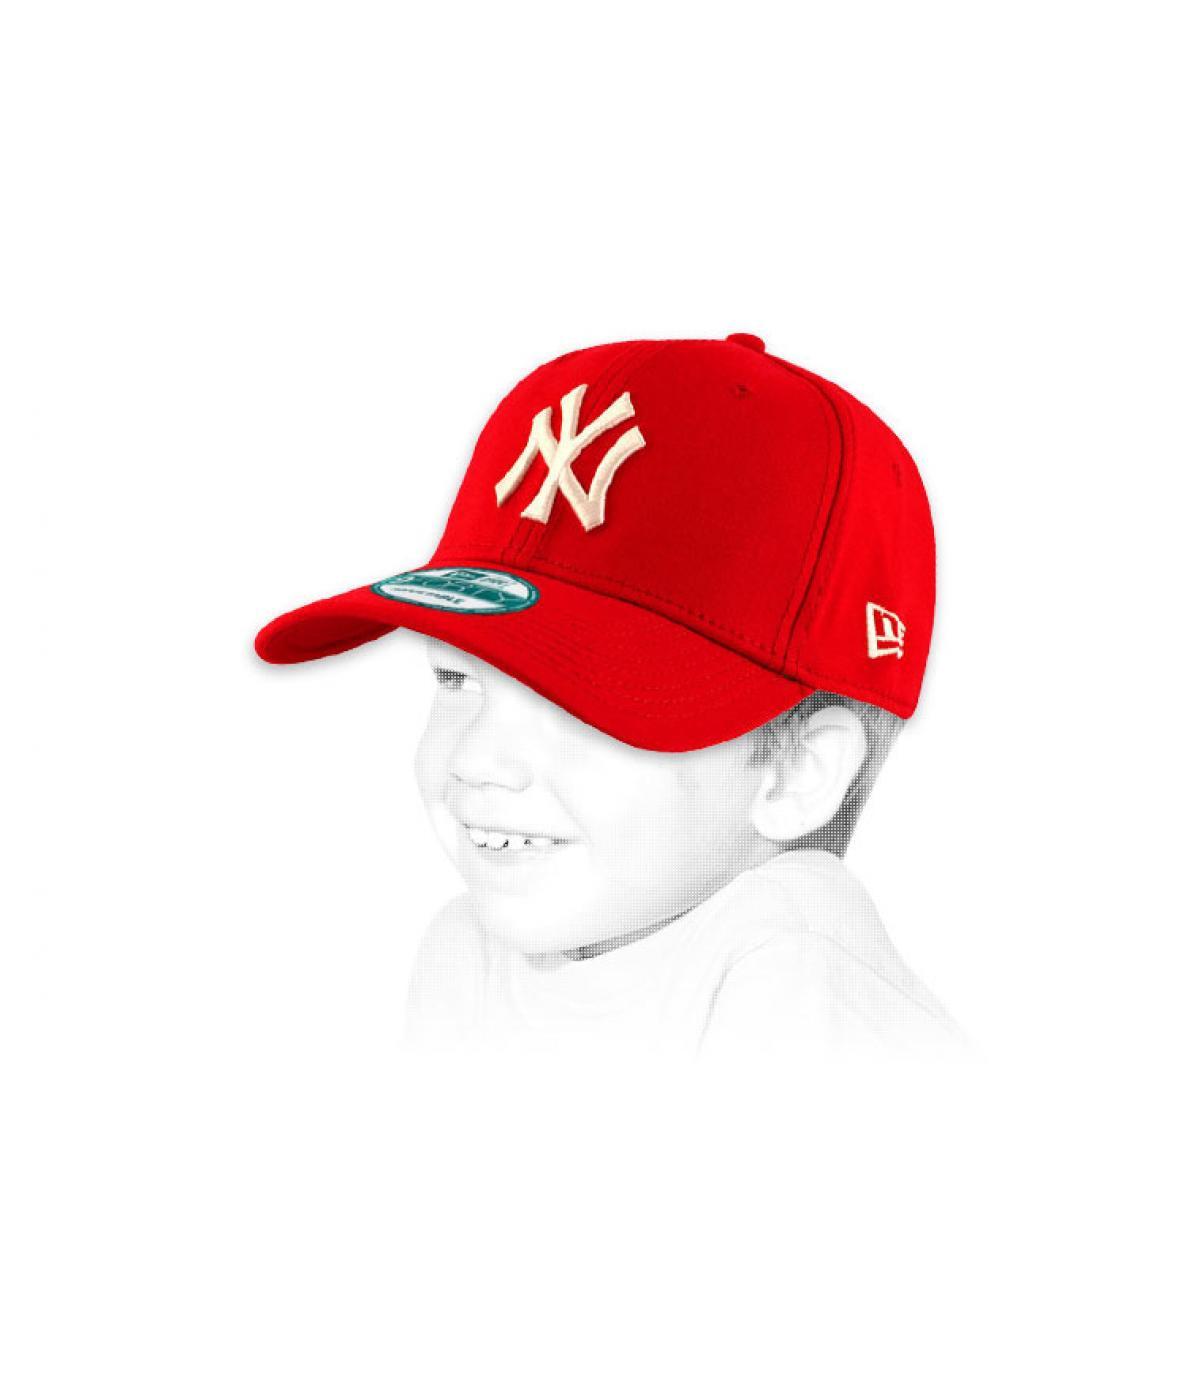 Détails Casquette NY 9forty rouge enfant - image 2